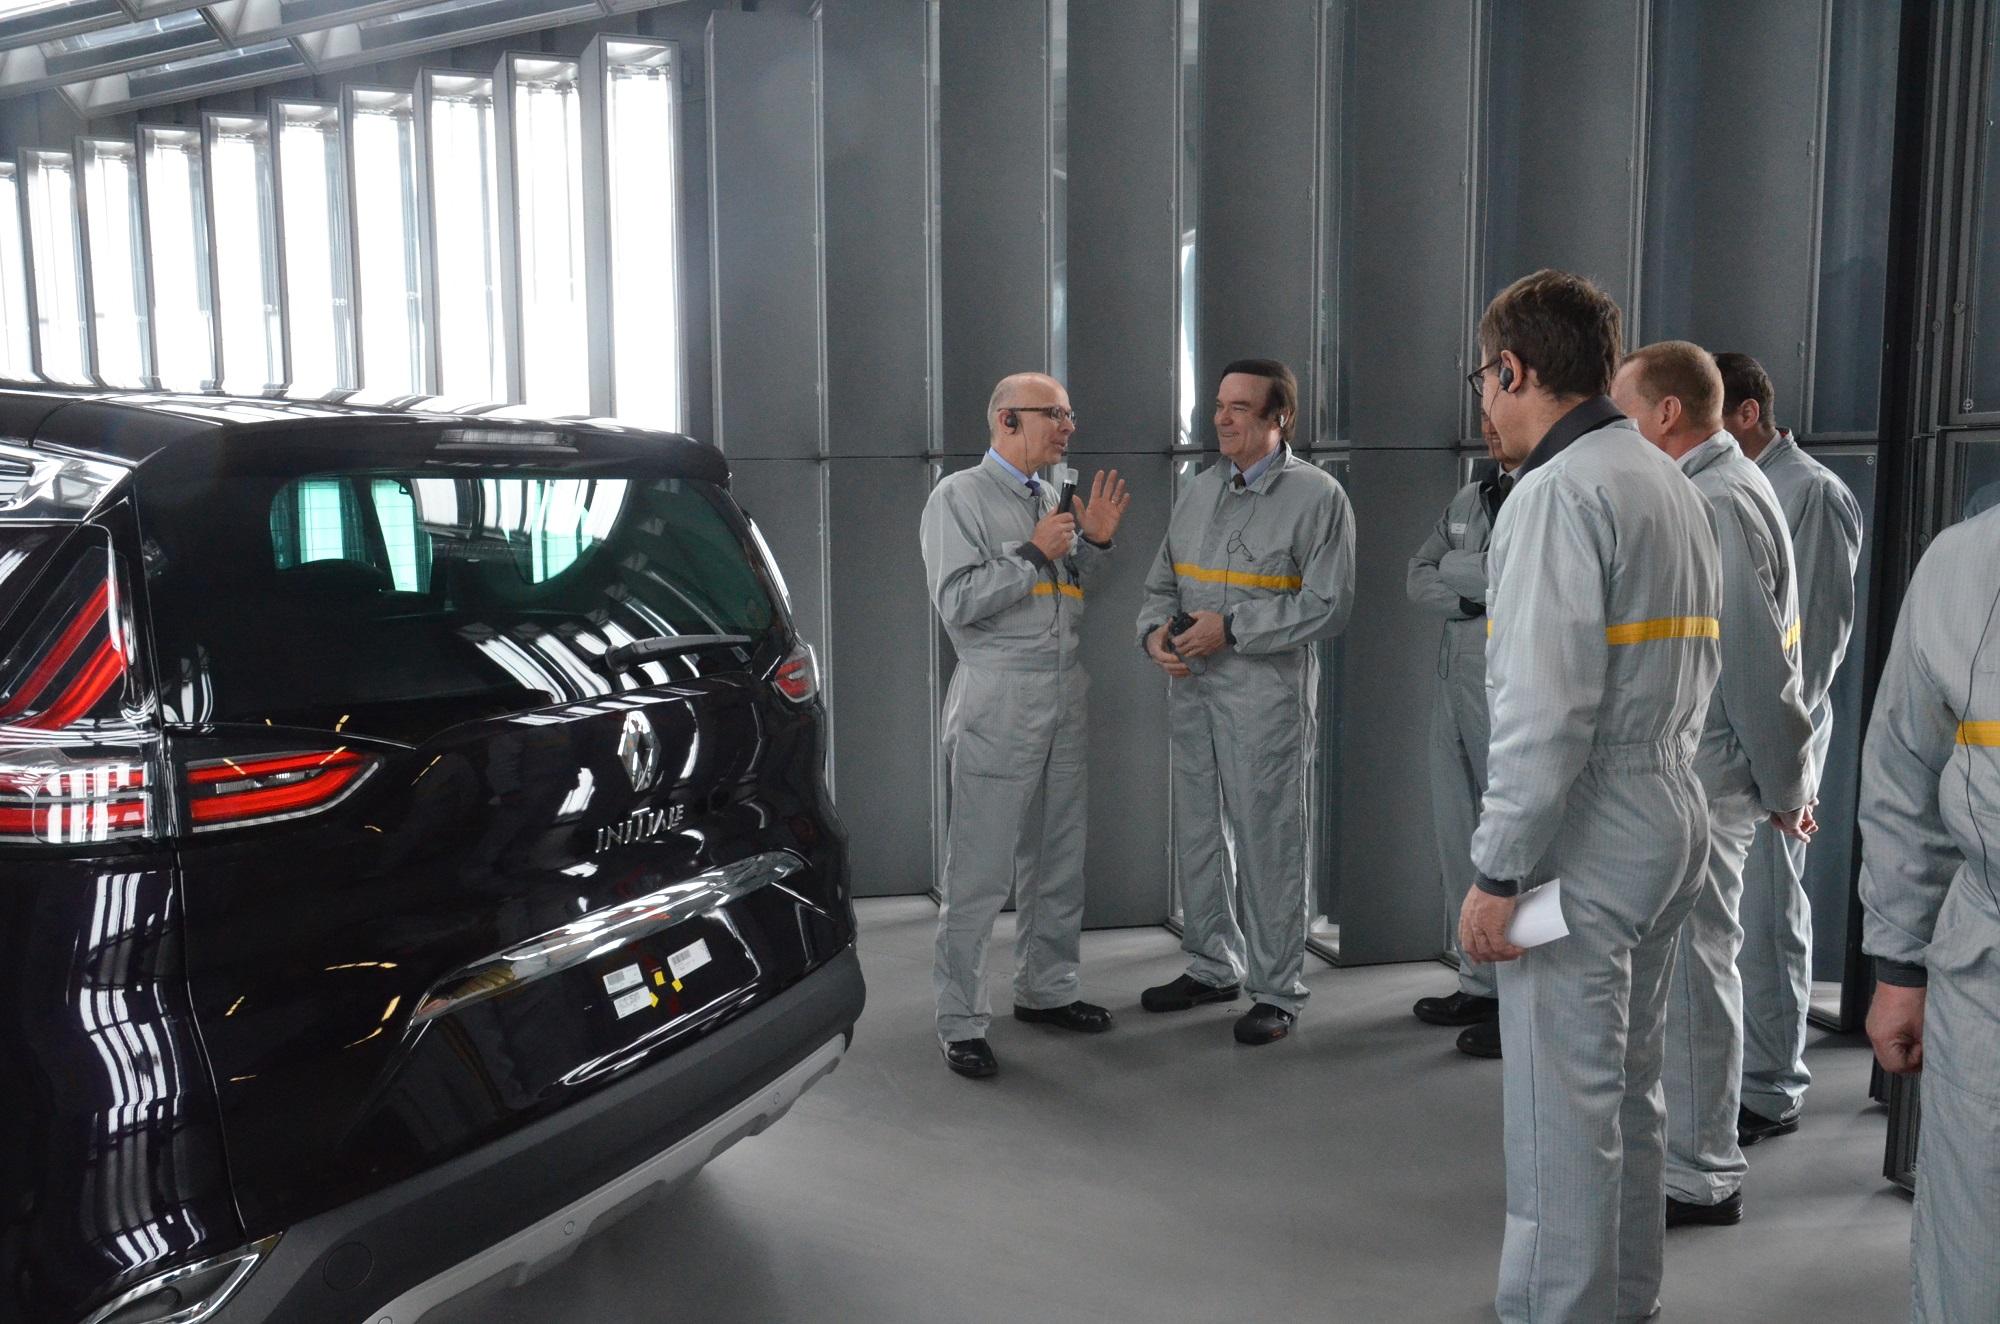 Le pr fet visite le site de production de renault douai for Garage renault douai horaires